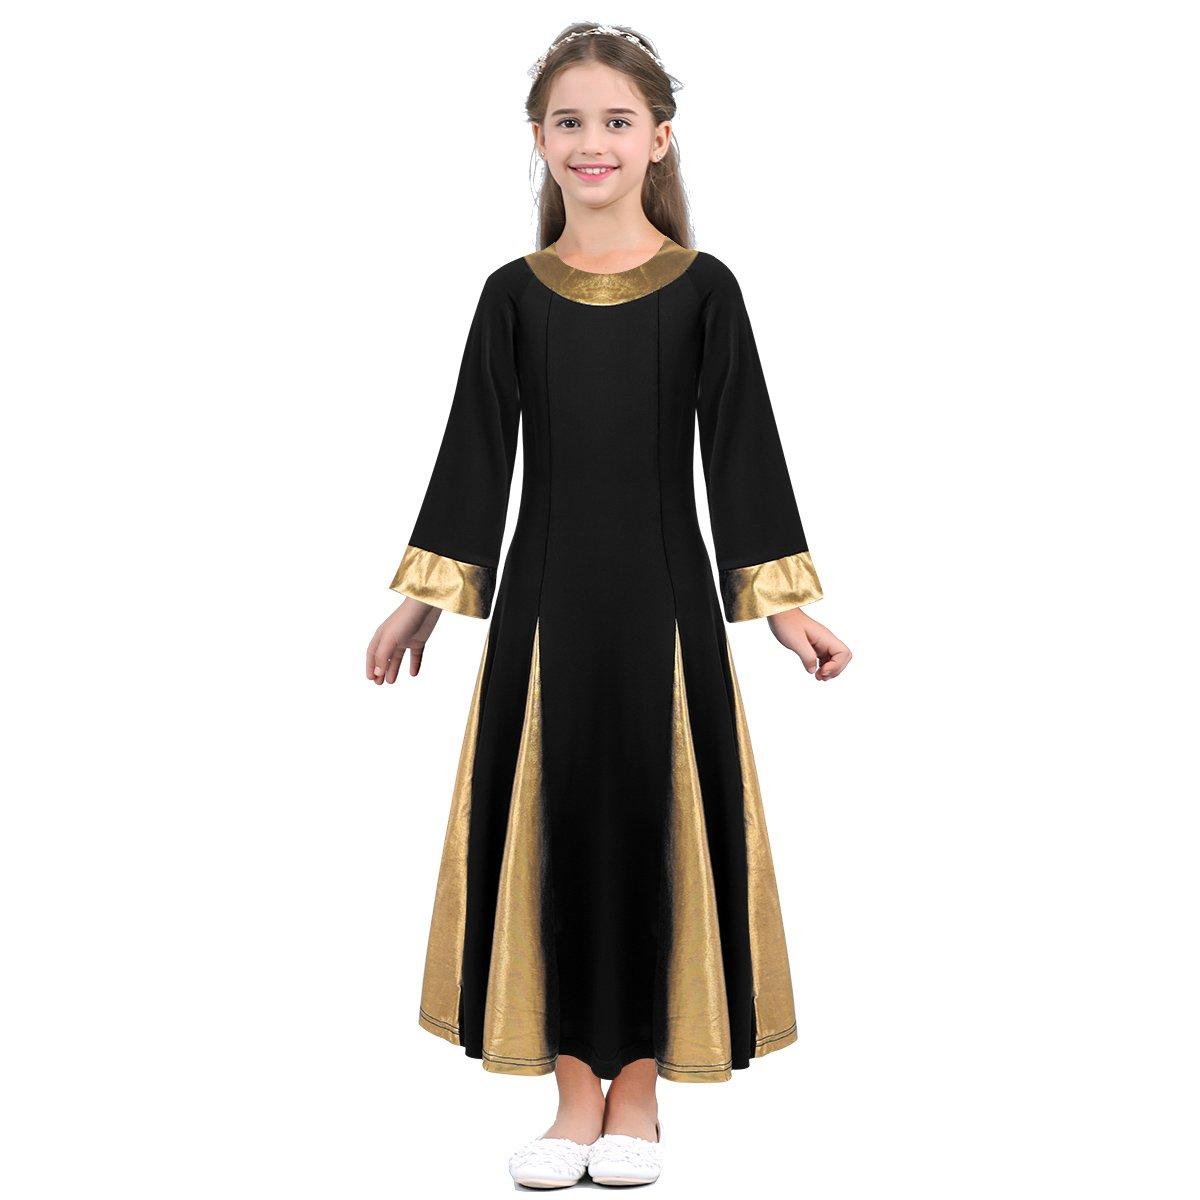 最上の品質な dPois DRESS ガールズ B07FVS6PWF 8|ブラック 8|ブラック DRESS ブラック dPois 8, ガンキング:f58162c7 --- webdesign-grevesmuehlen.de